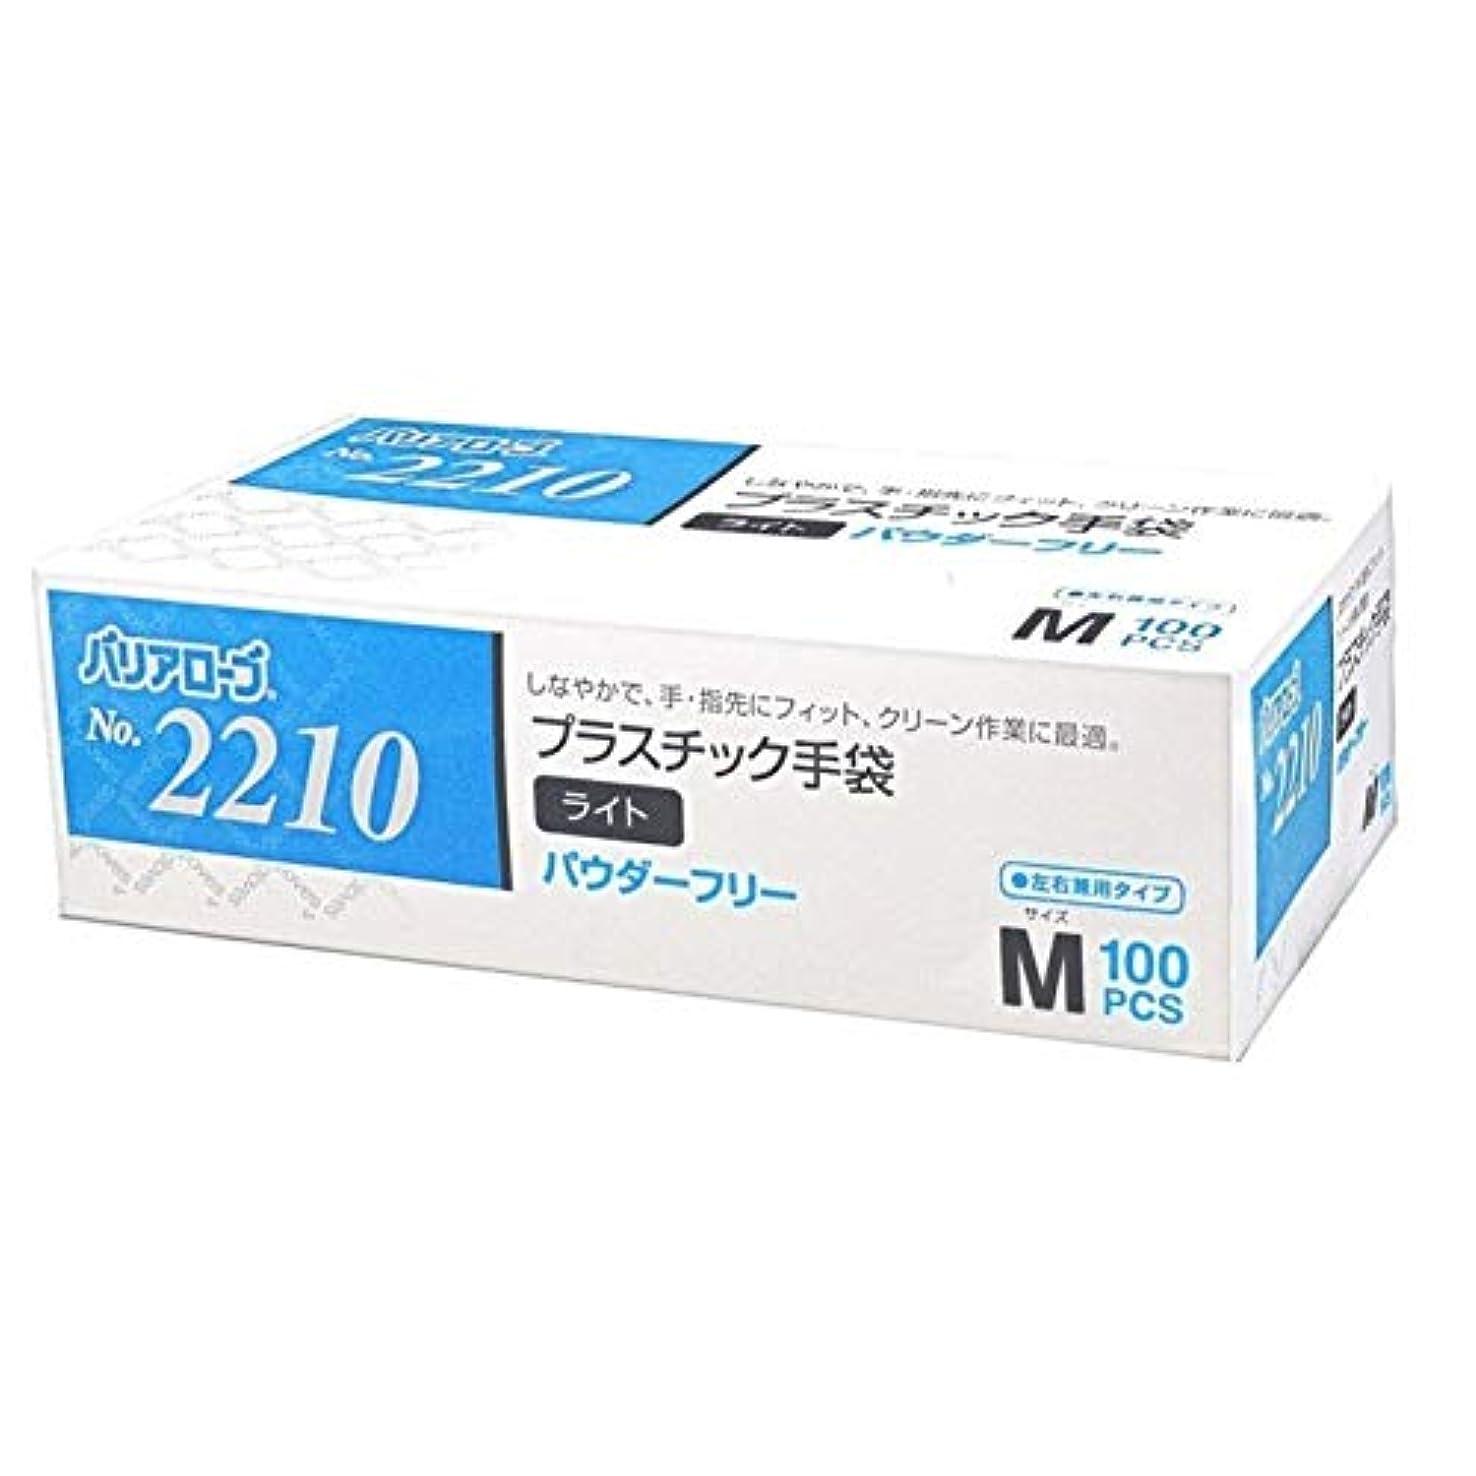 ペレグリネーションフォアマン裏切り【ケース販売】 バリアローブ №2210 プラスチック手袋 ライト (パウダーフリー) M 2000枚(100枚×20箱)